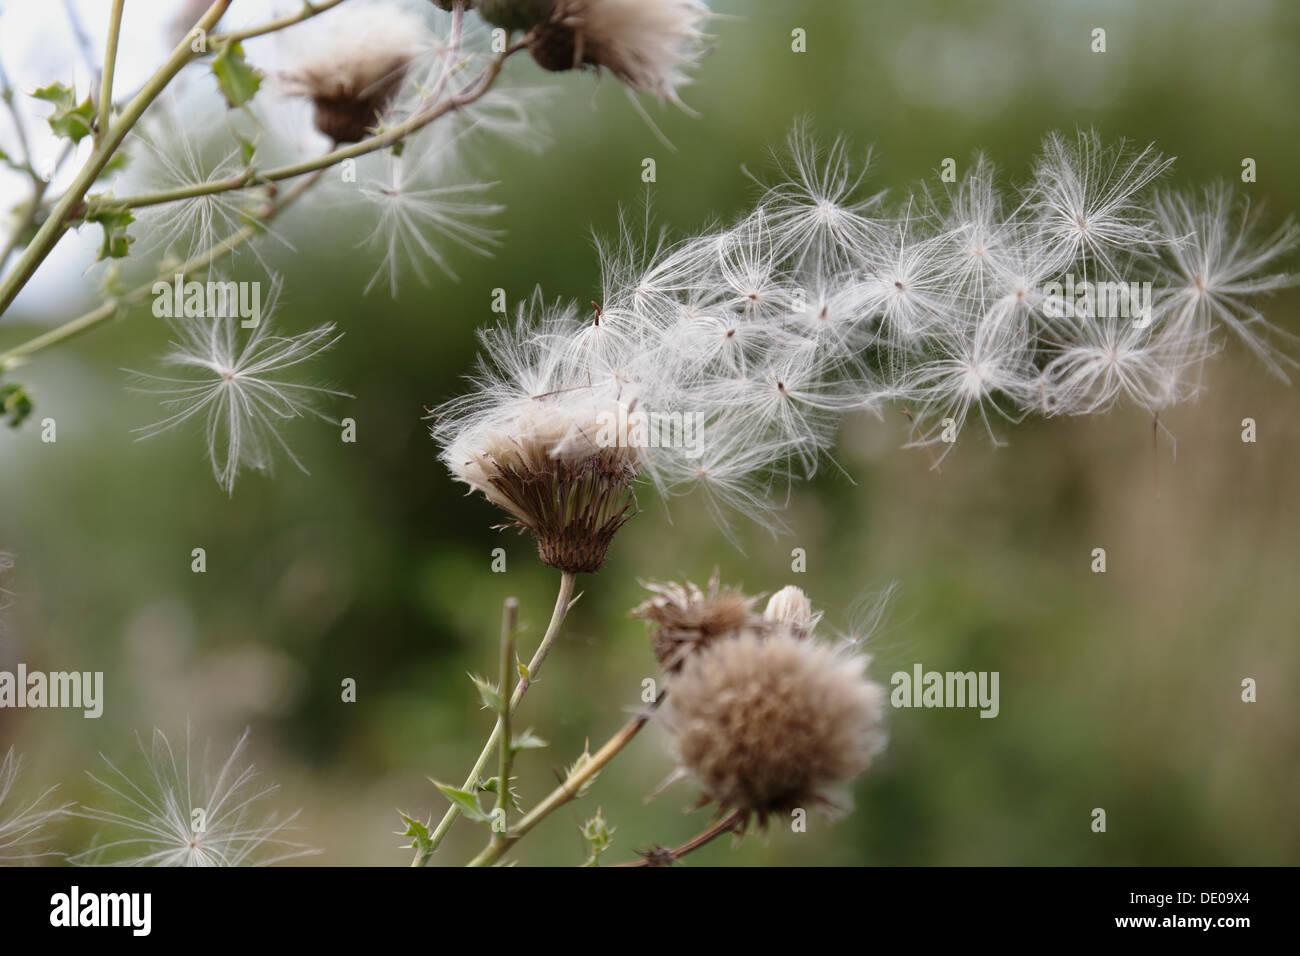 Semillas de flores silvestres en el viento, Scotland, Reino Unido Imagen De Stock